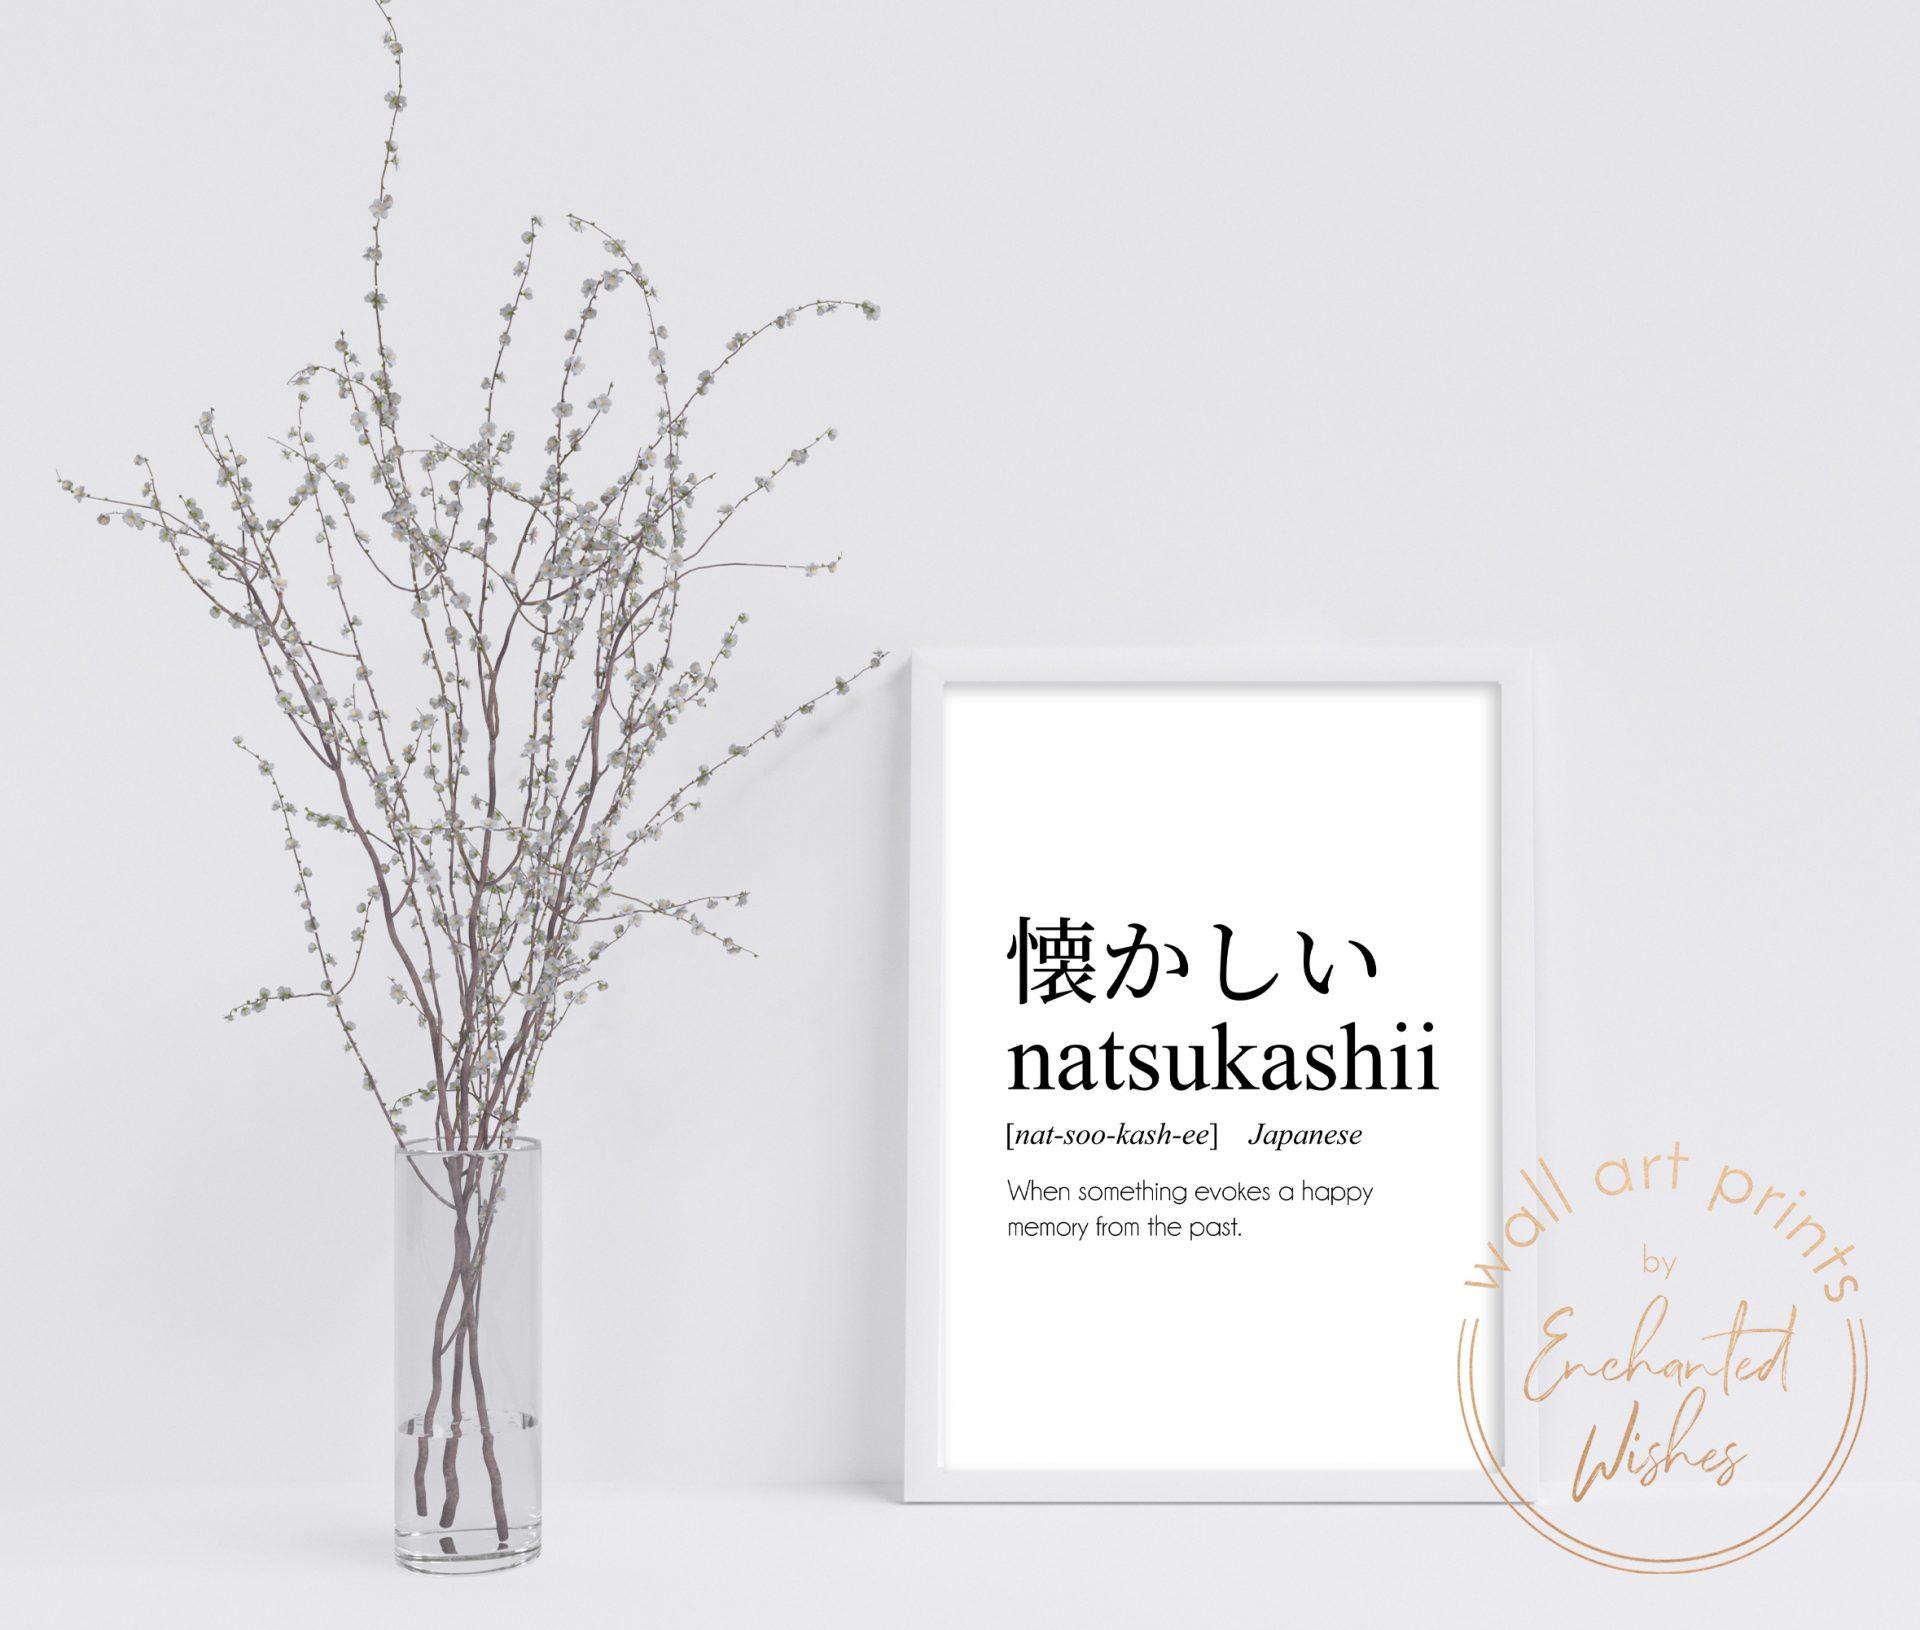 Natsukashii definition print